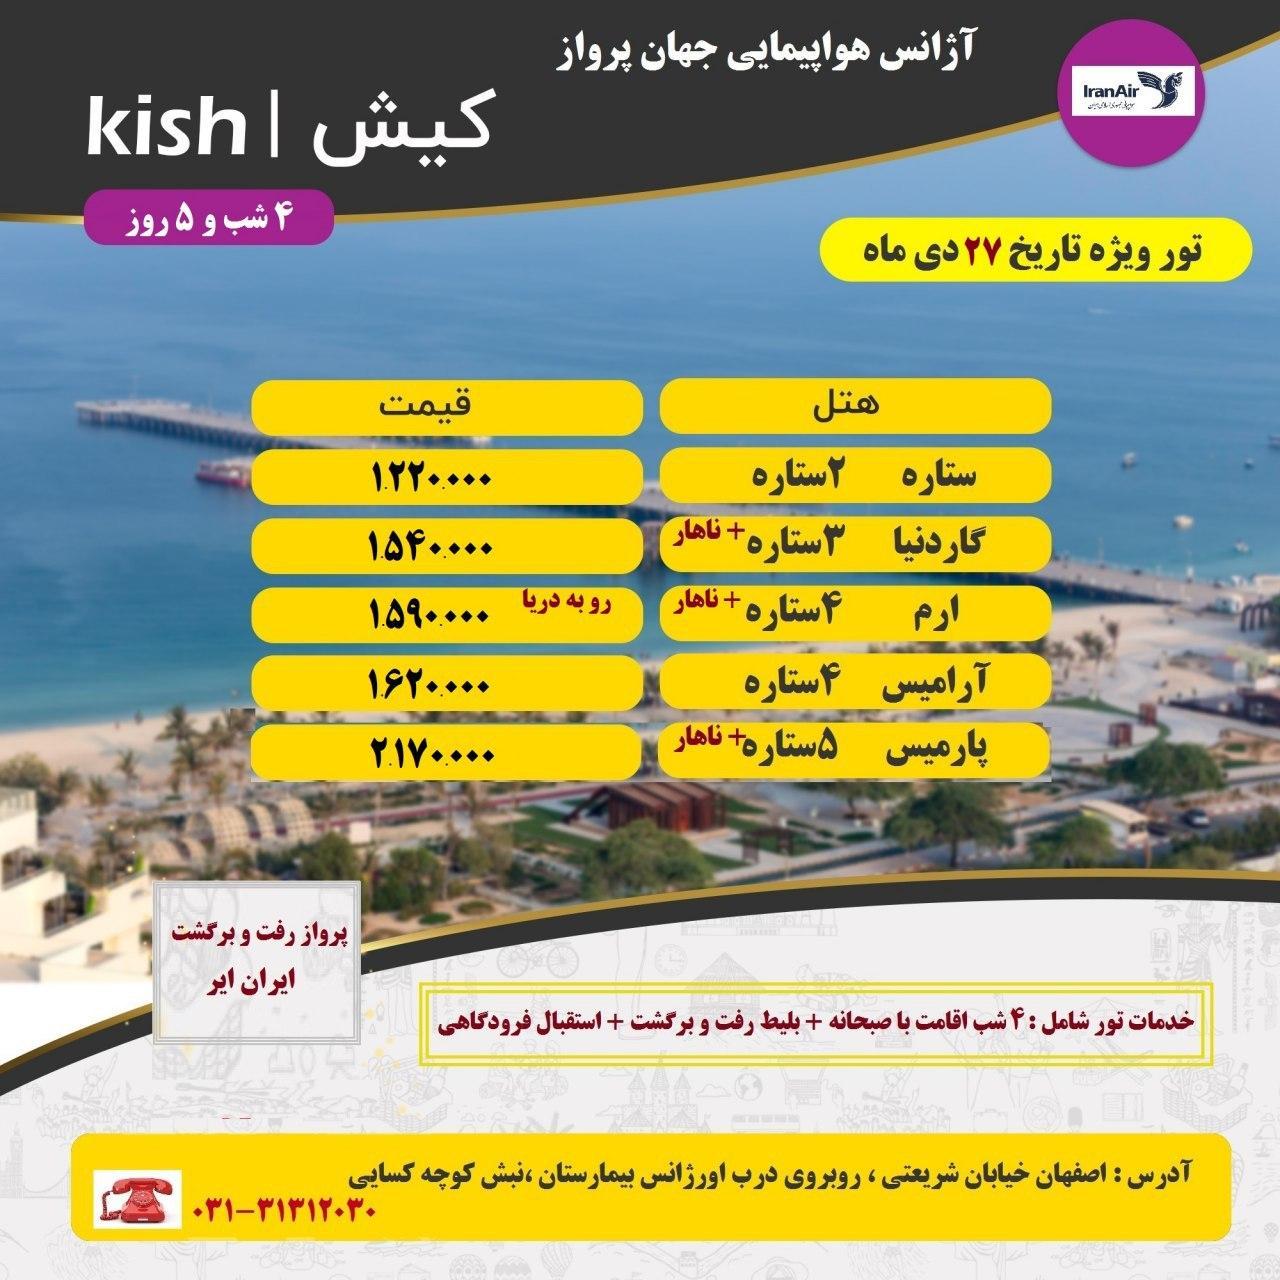 تور ویژه کیش از اصفهان -۲۷ دی ۹۸-جهان پرواز آسان